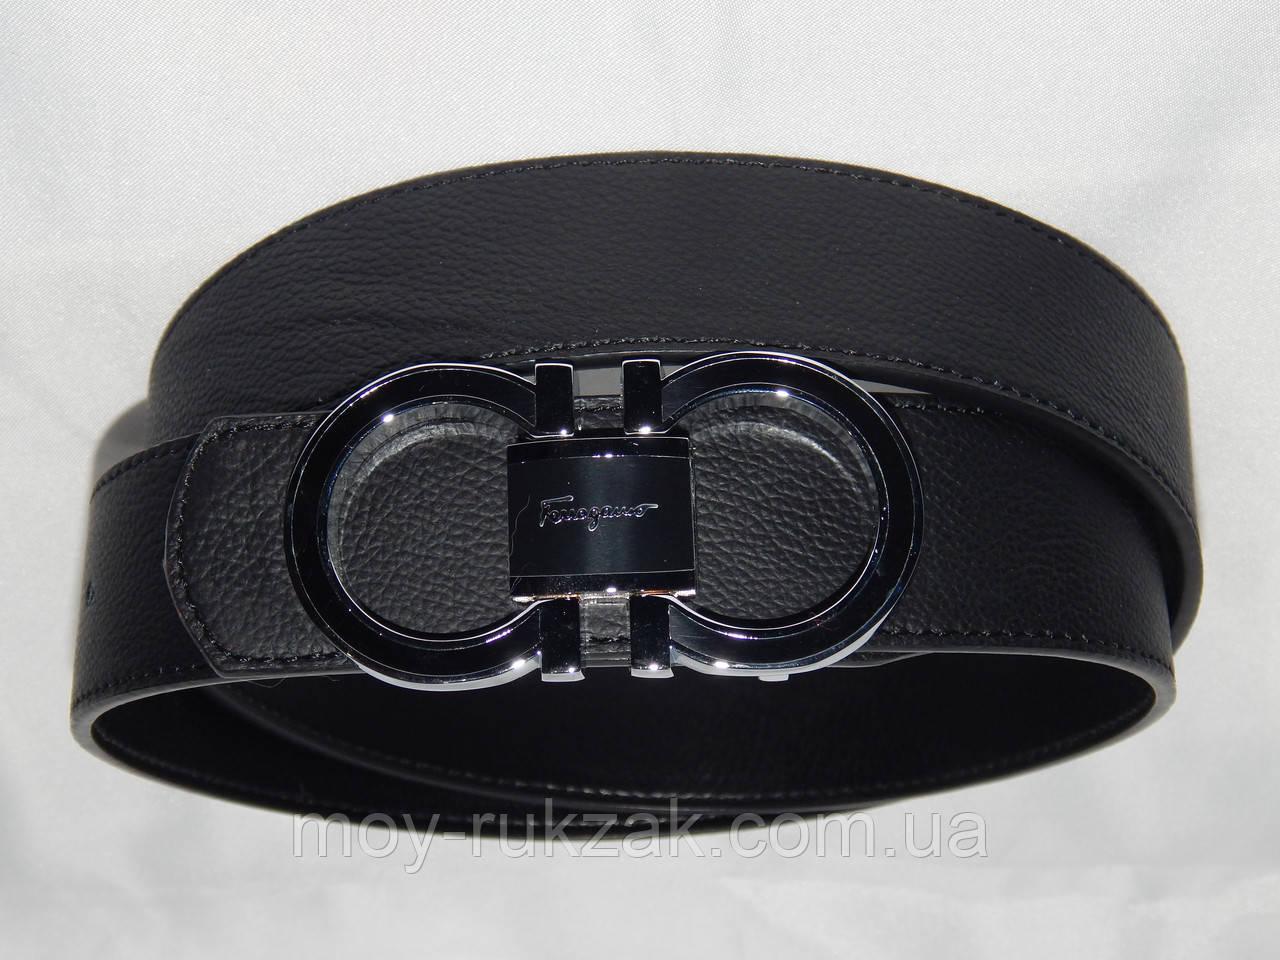 Ремень мужской кожаный Ferragamo ширина 40 мм, реплика 930562